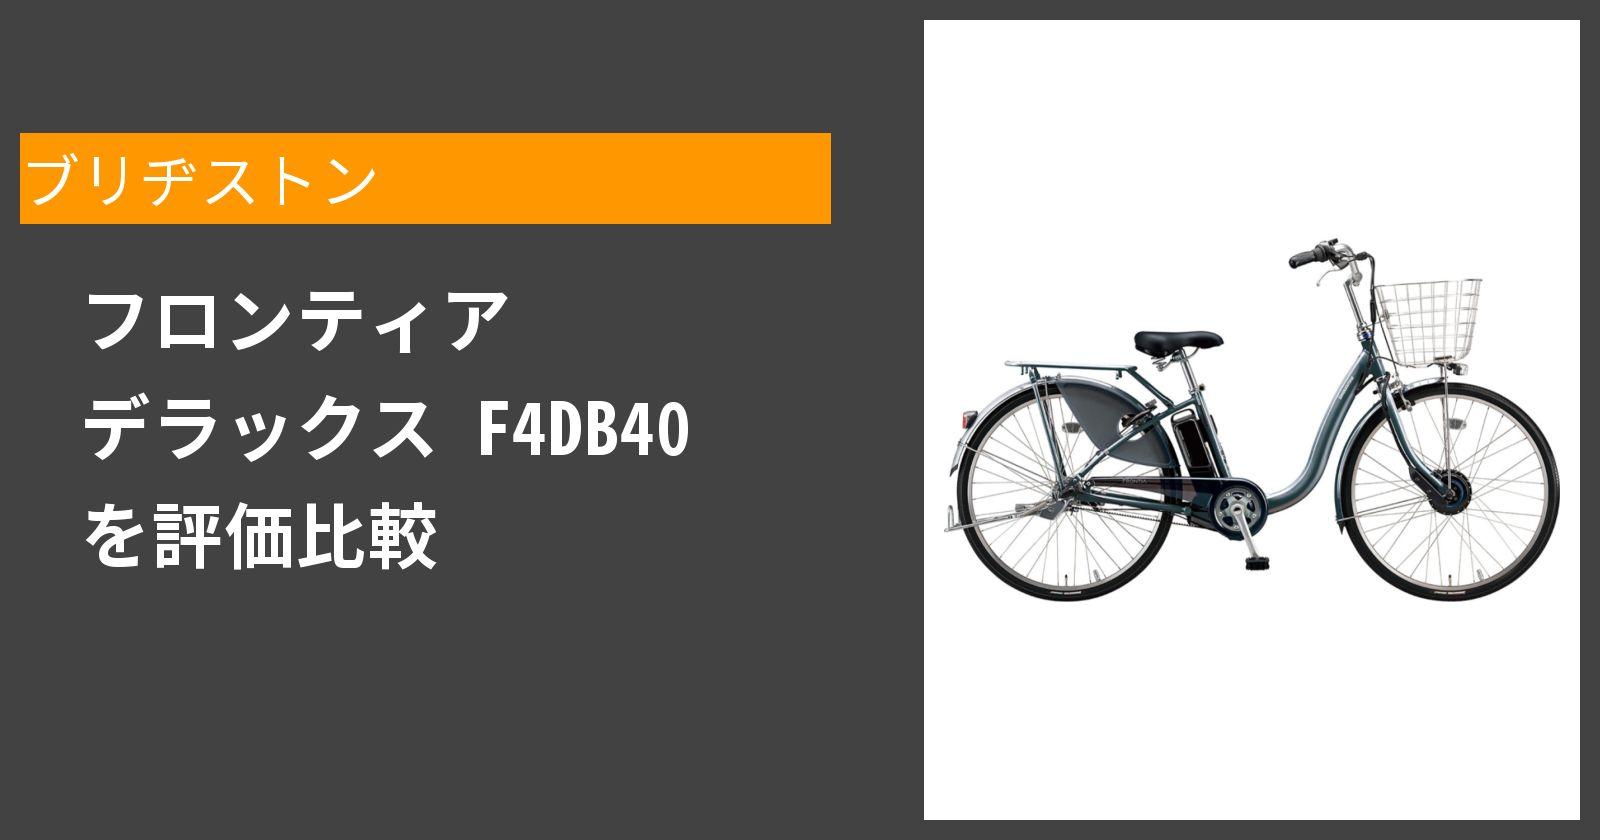 フロンティア デラックス F4DB40を徹底評価